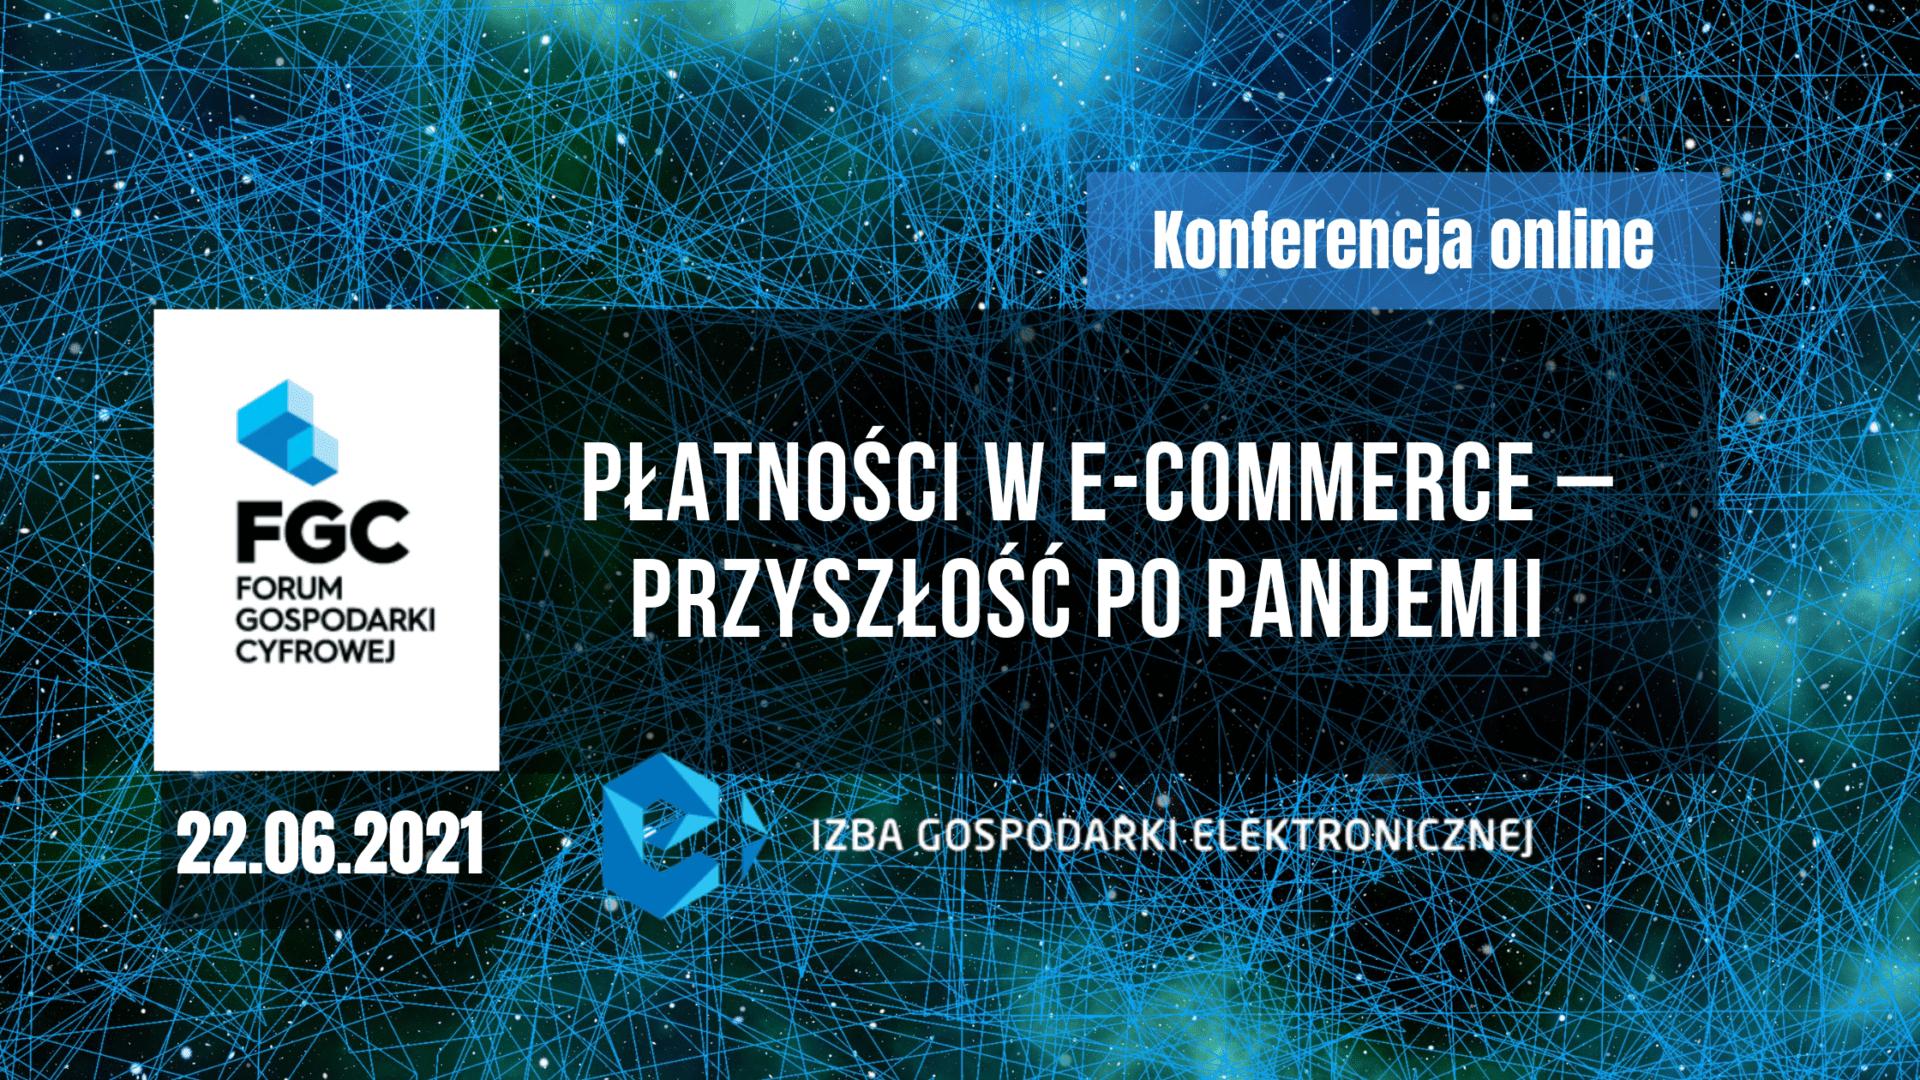 Forum Gospodarki Cyfrowej: Płatności w e-commerce  – przyszłość po pandemii